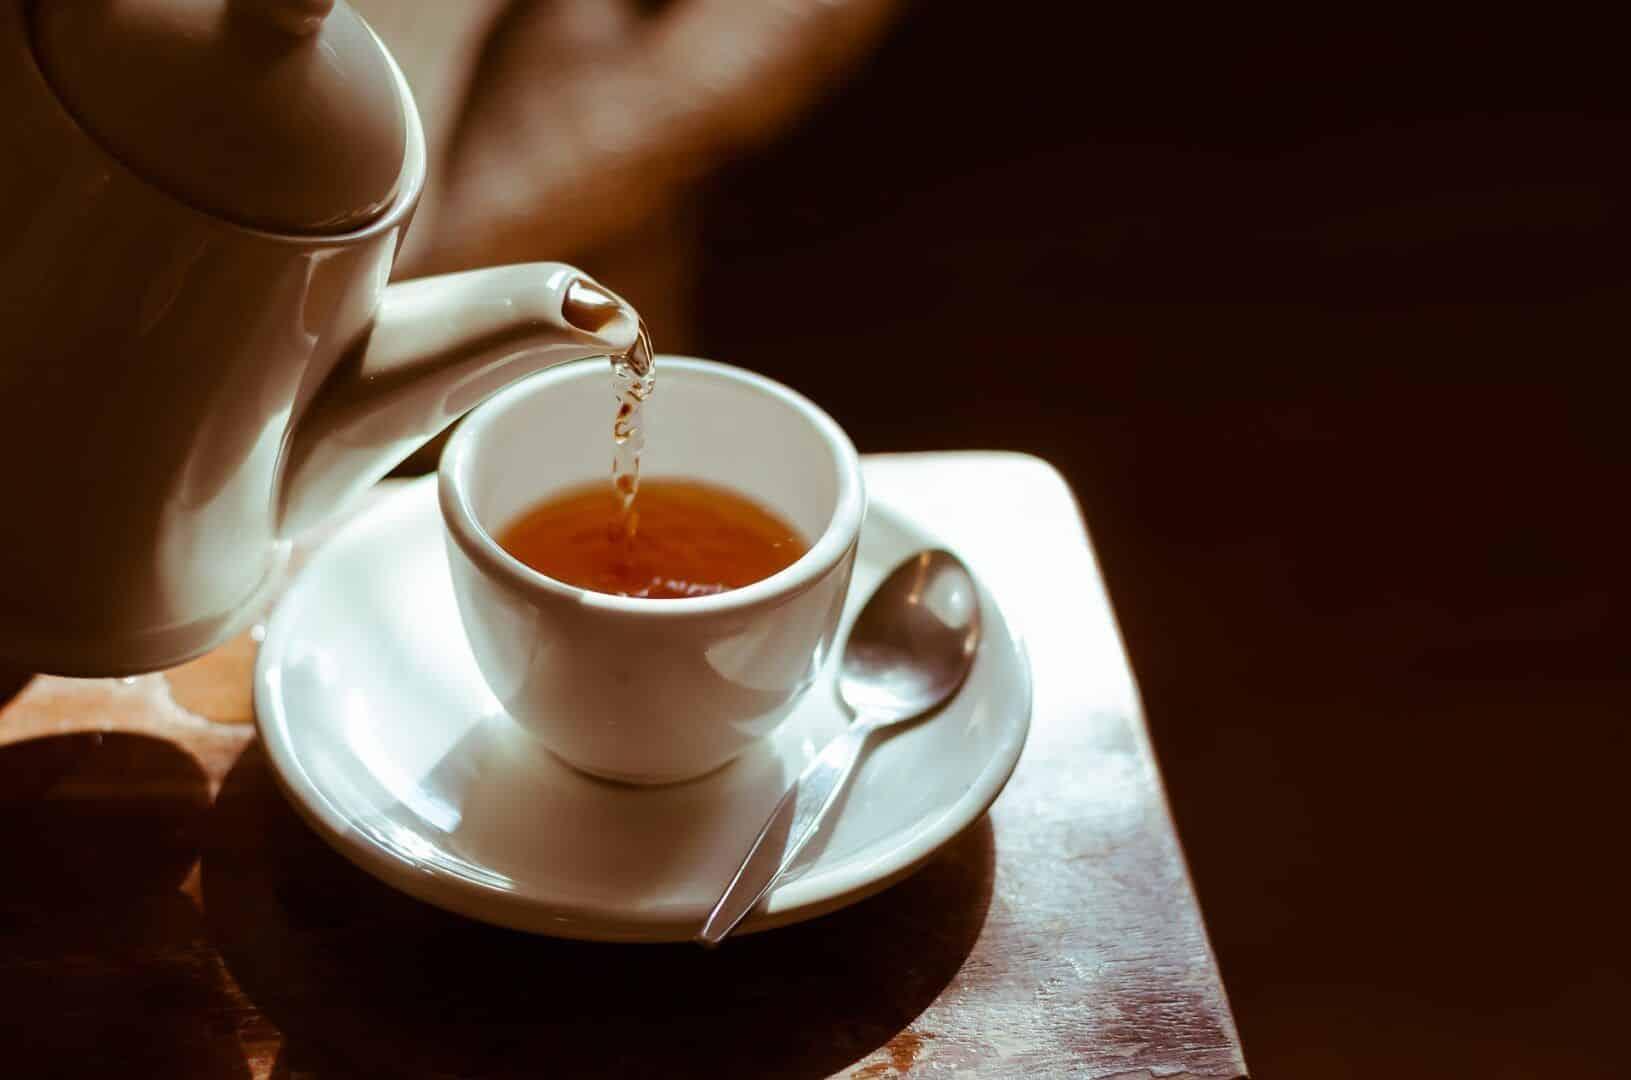 beneficios do cha de camomila para a saude e bem estar 5 - Beneficios del té de manzanilla para la salud y el bienestar